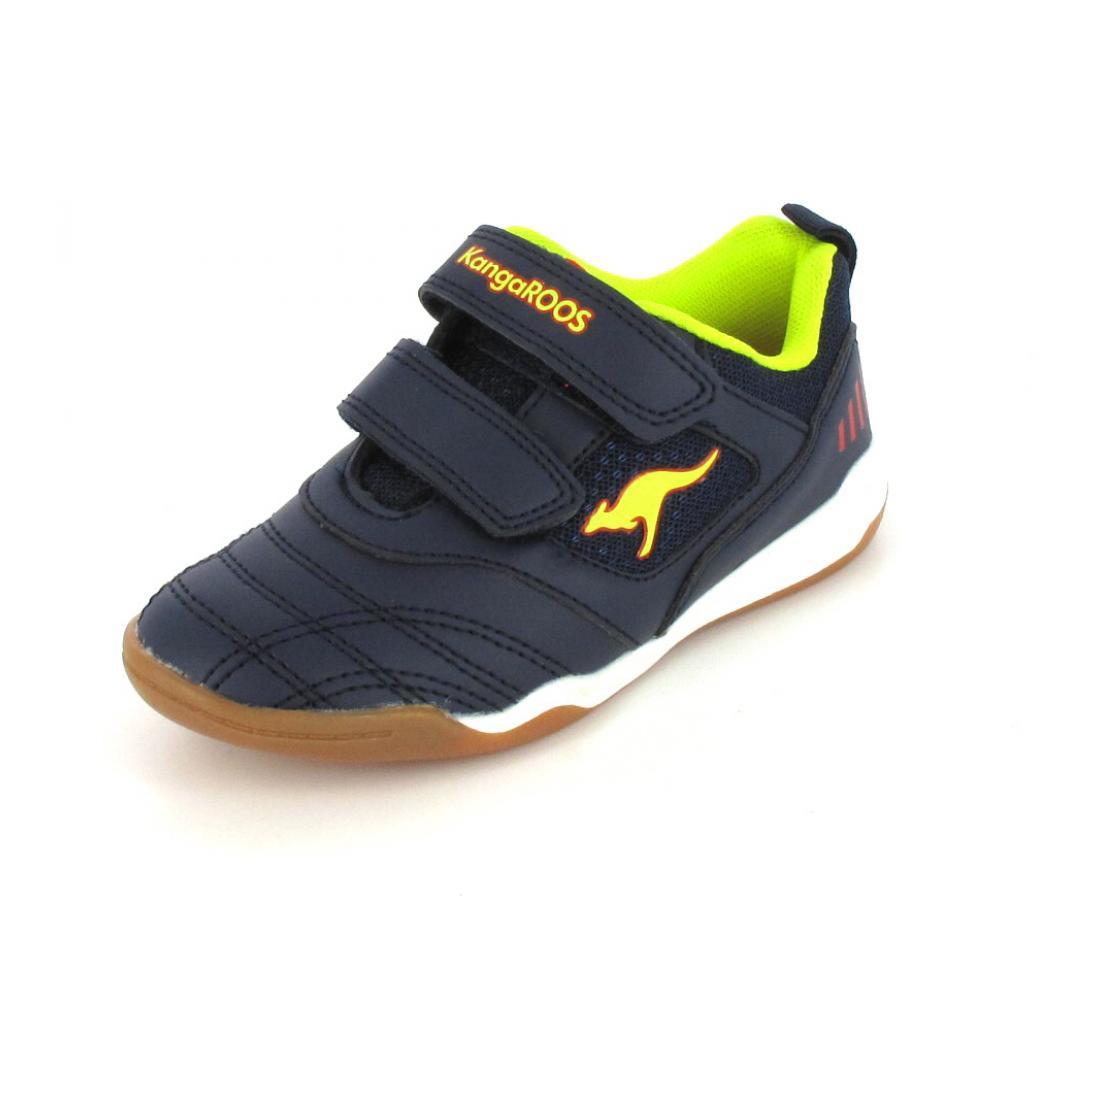 KangaRoos Sneaker Cayard V